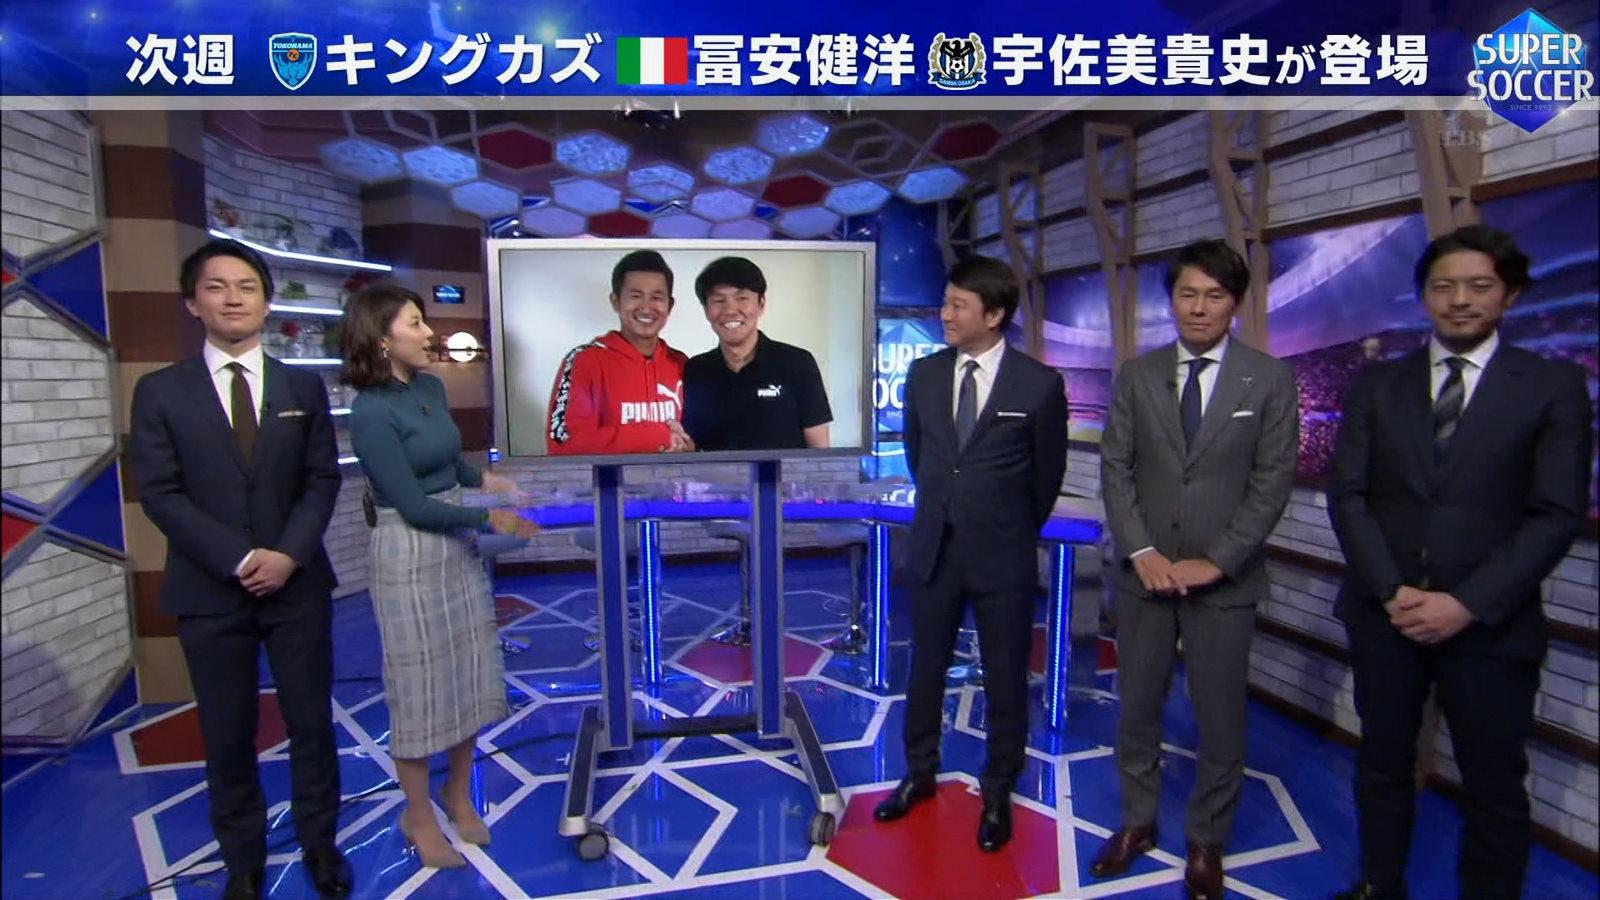 上村彩子_女子アナ_おっぱい_スーパーサッカー_19